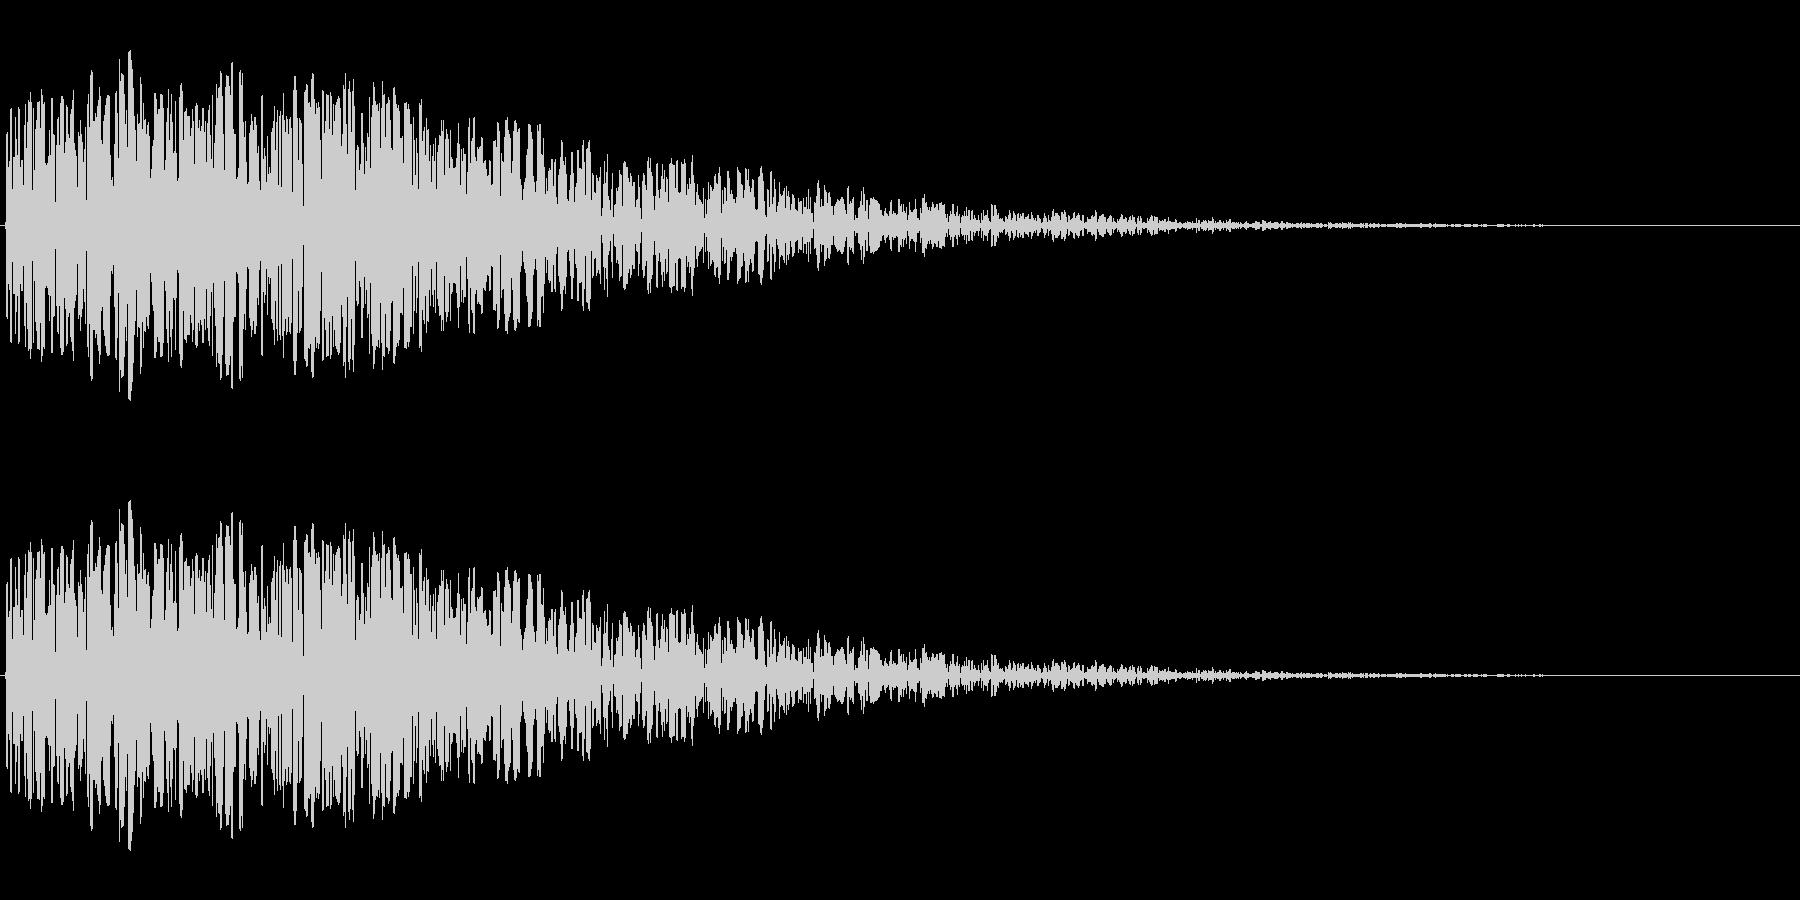 昭和の特撮にありそうな衝撃音(ドン)の未再生の波形